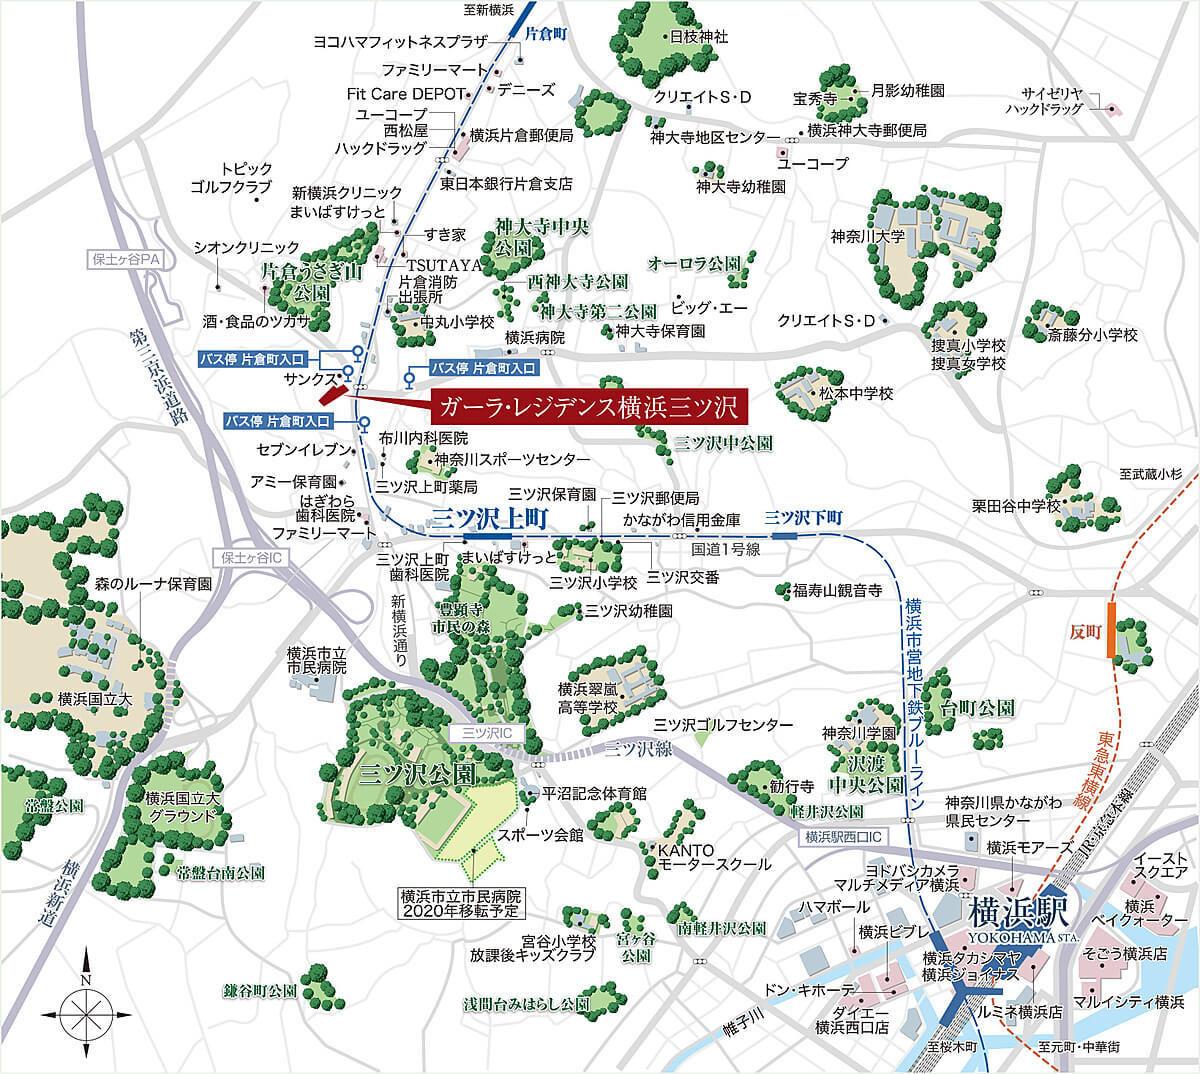 ガーラ・レジデンス横浜三ツ沢の現地・周辺案内図